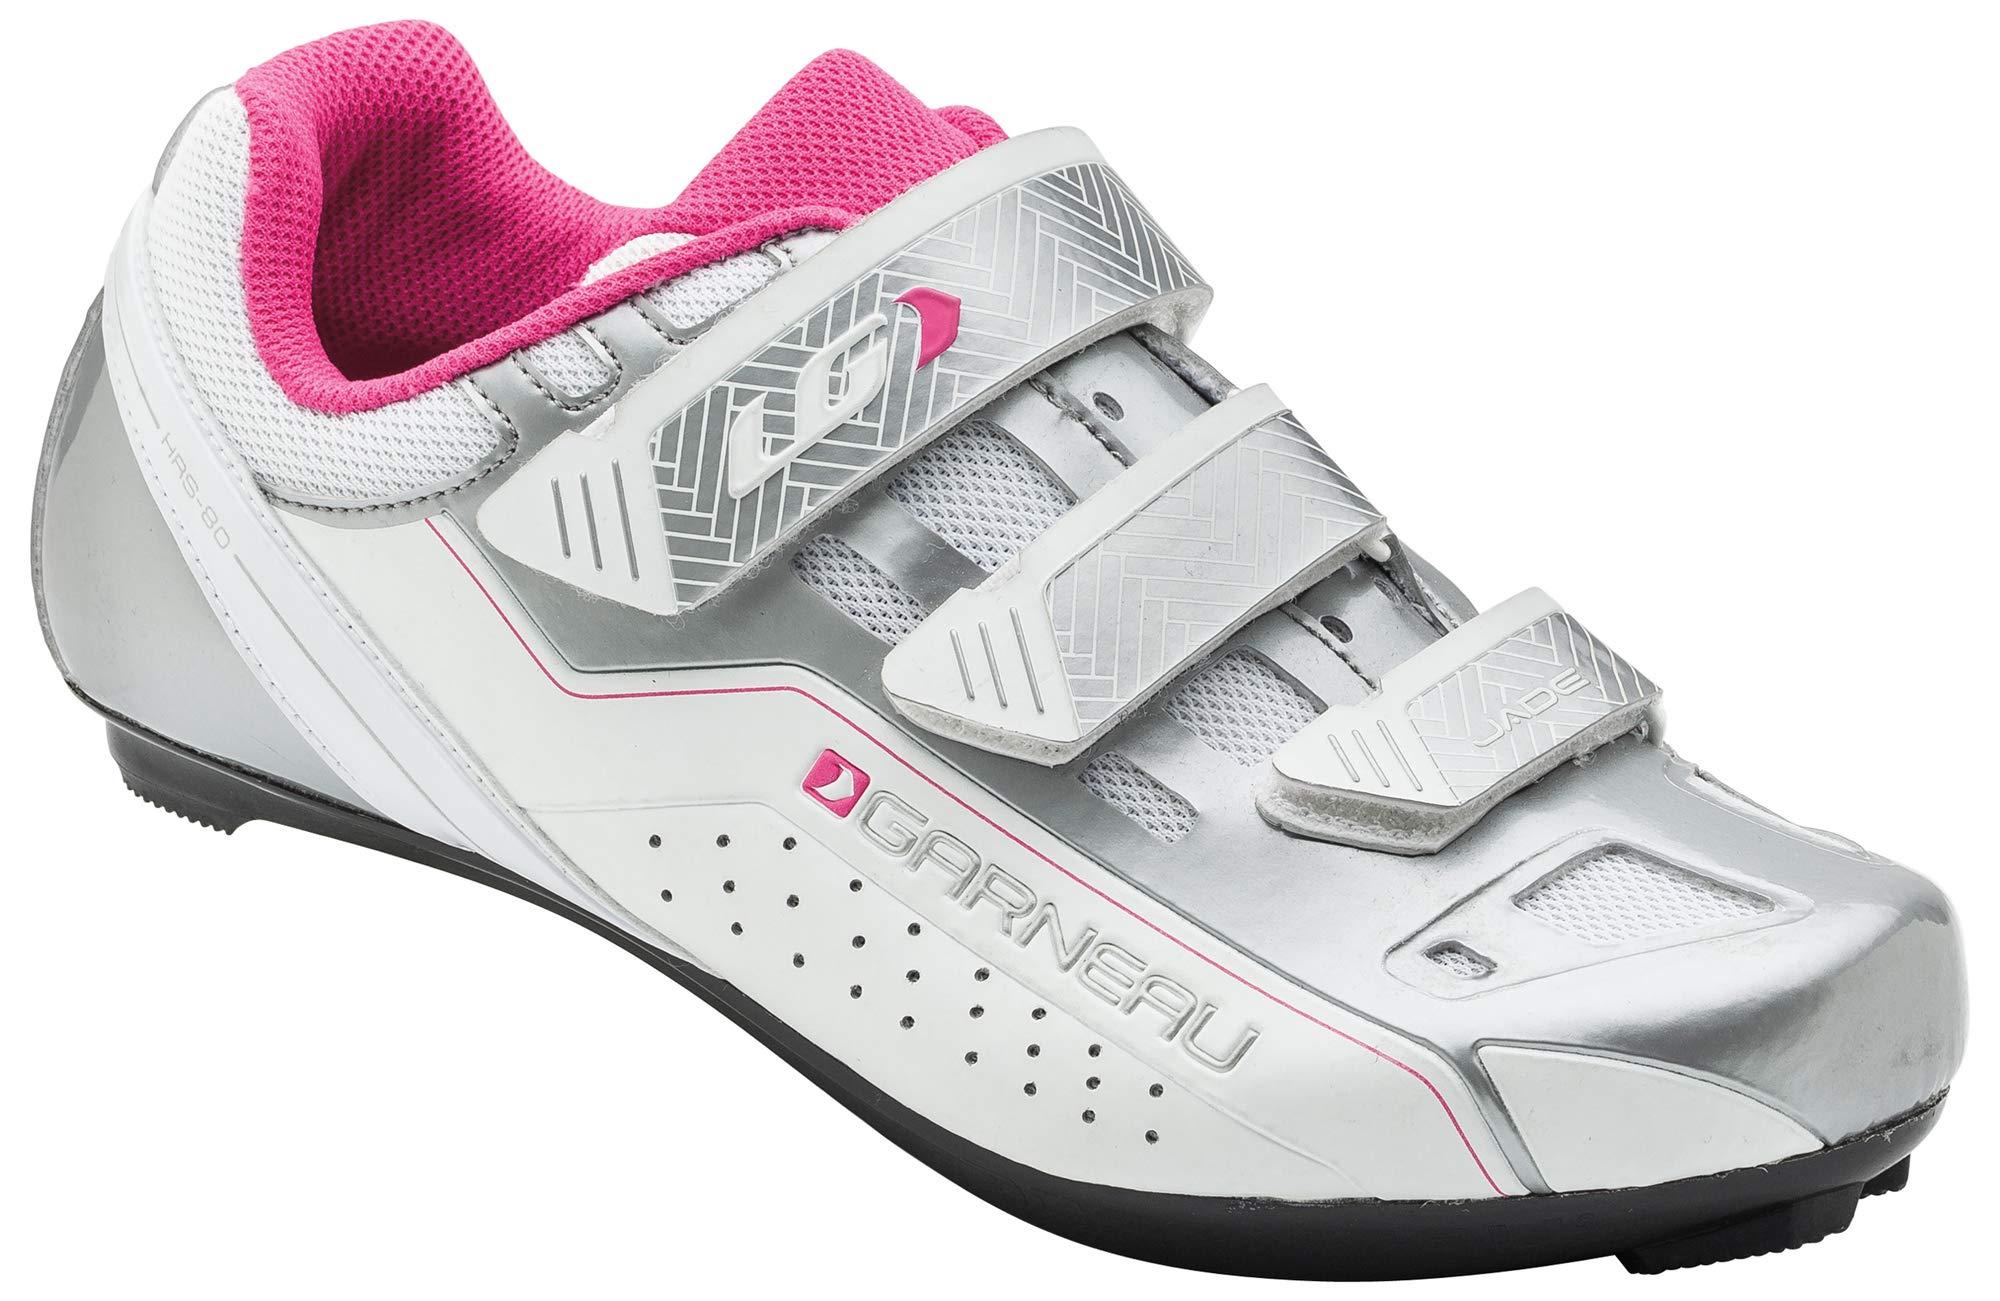 Louis Garneau Women's Jade Bike Shoes, Drizzle, US (10), EU (41)